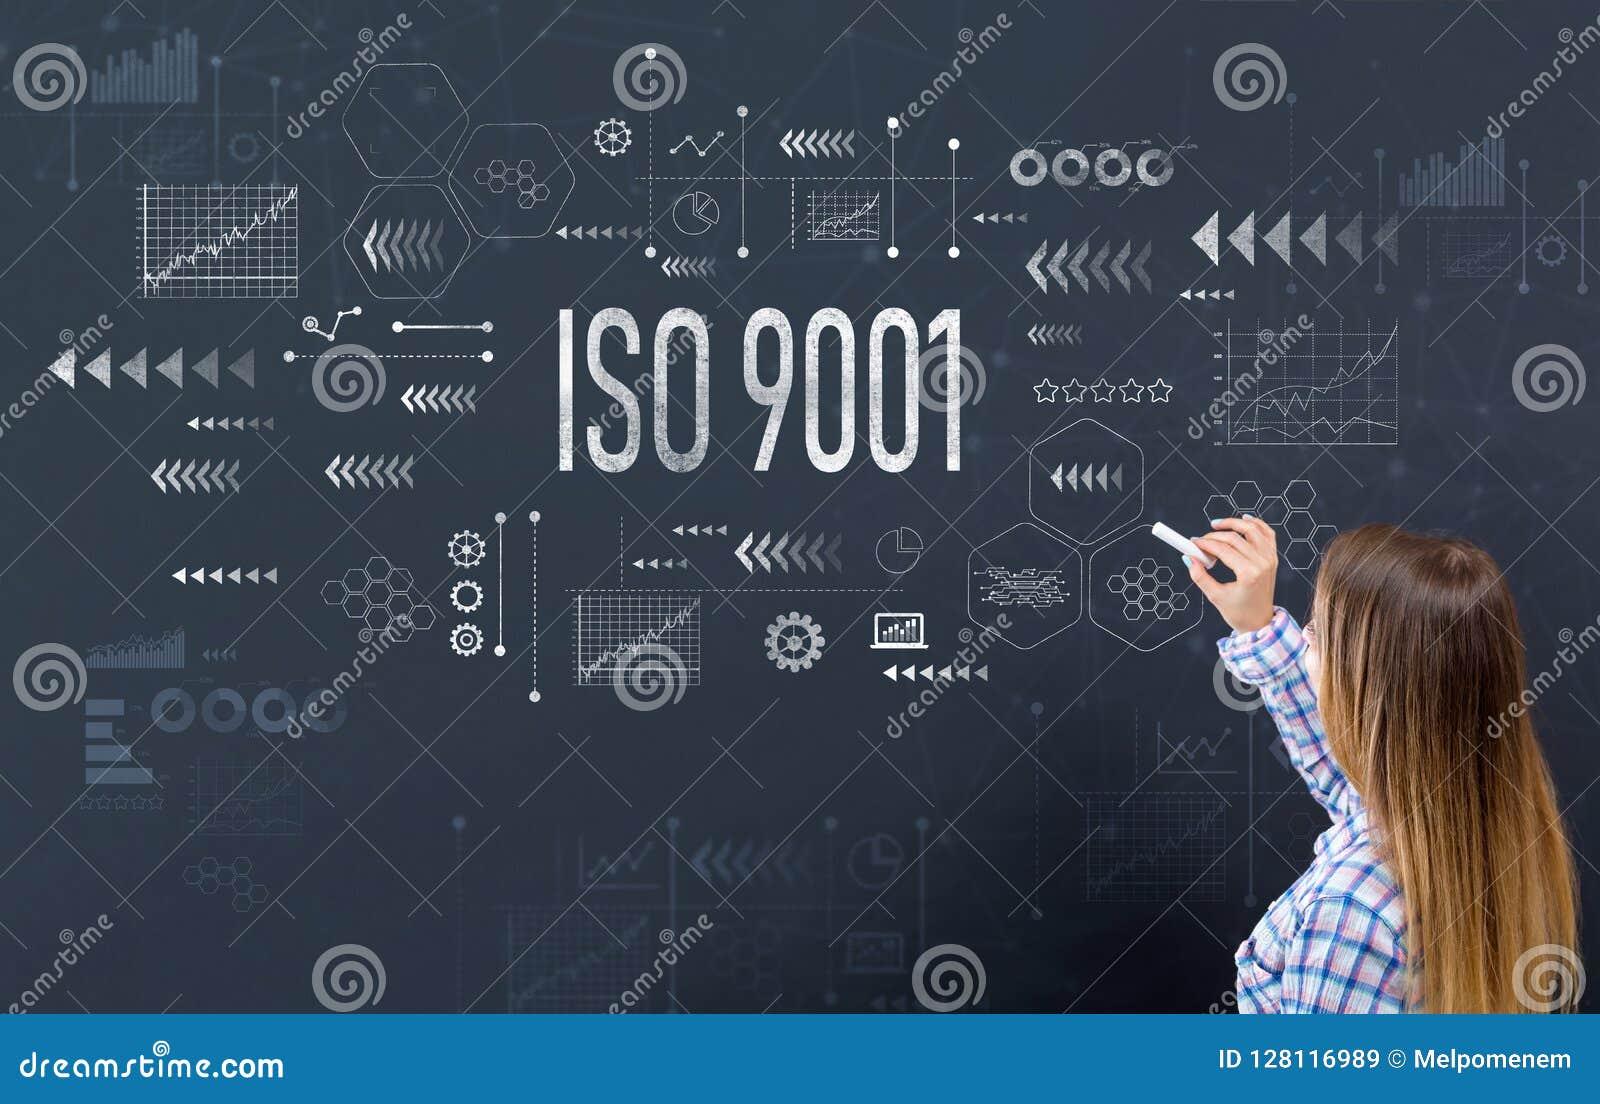 ISO 9001 con la mujer joven